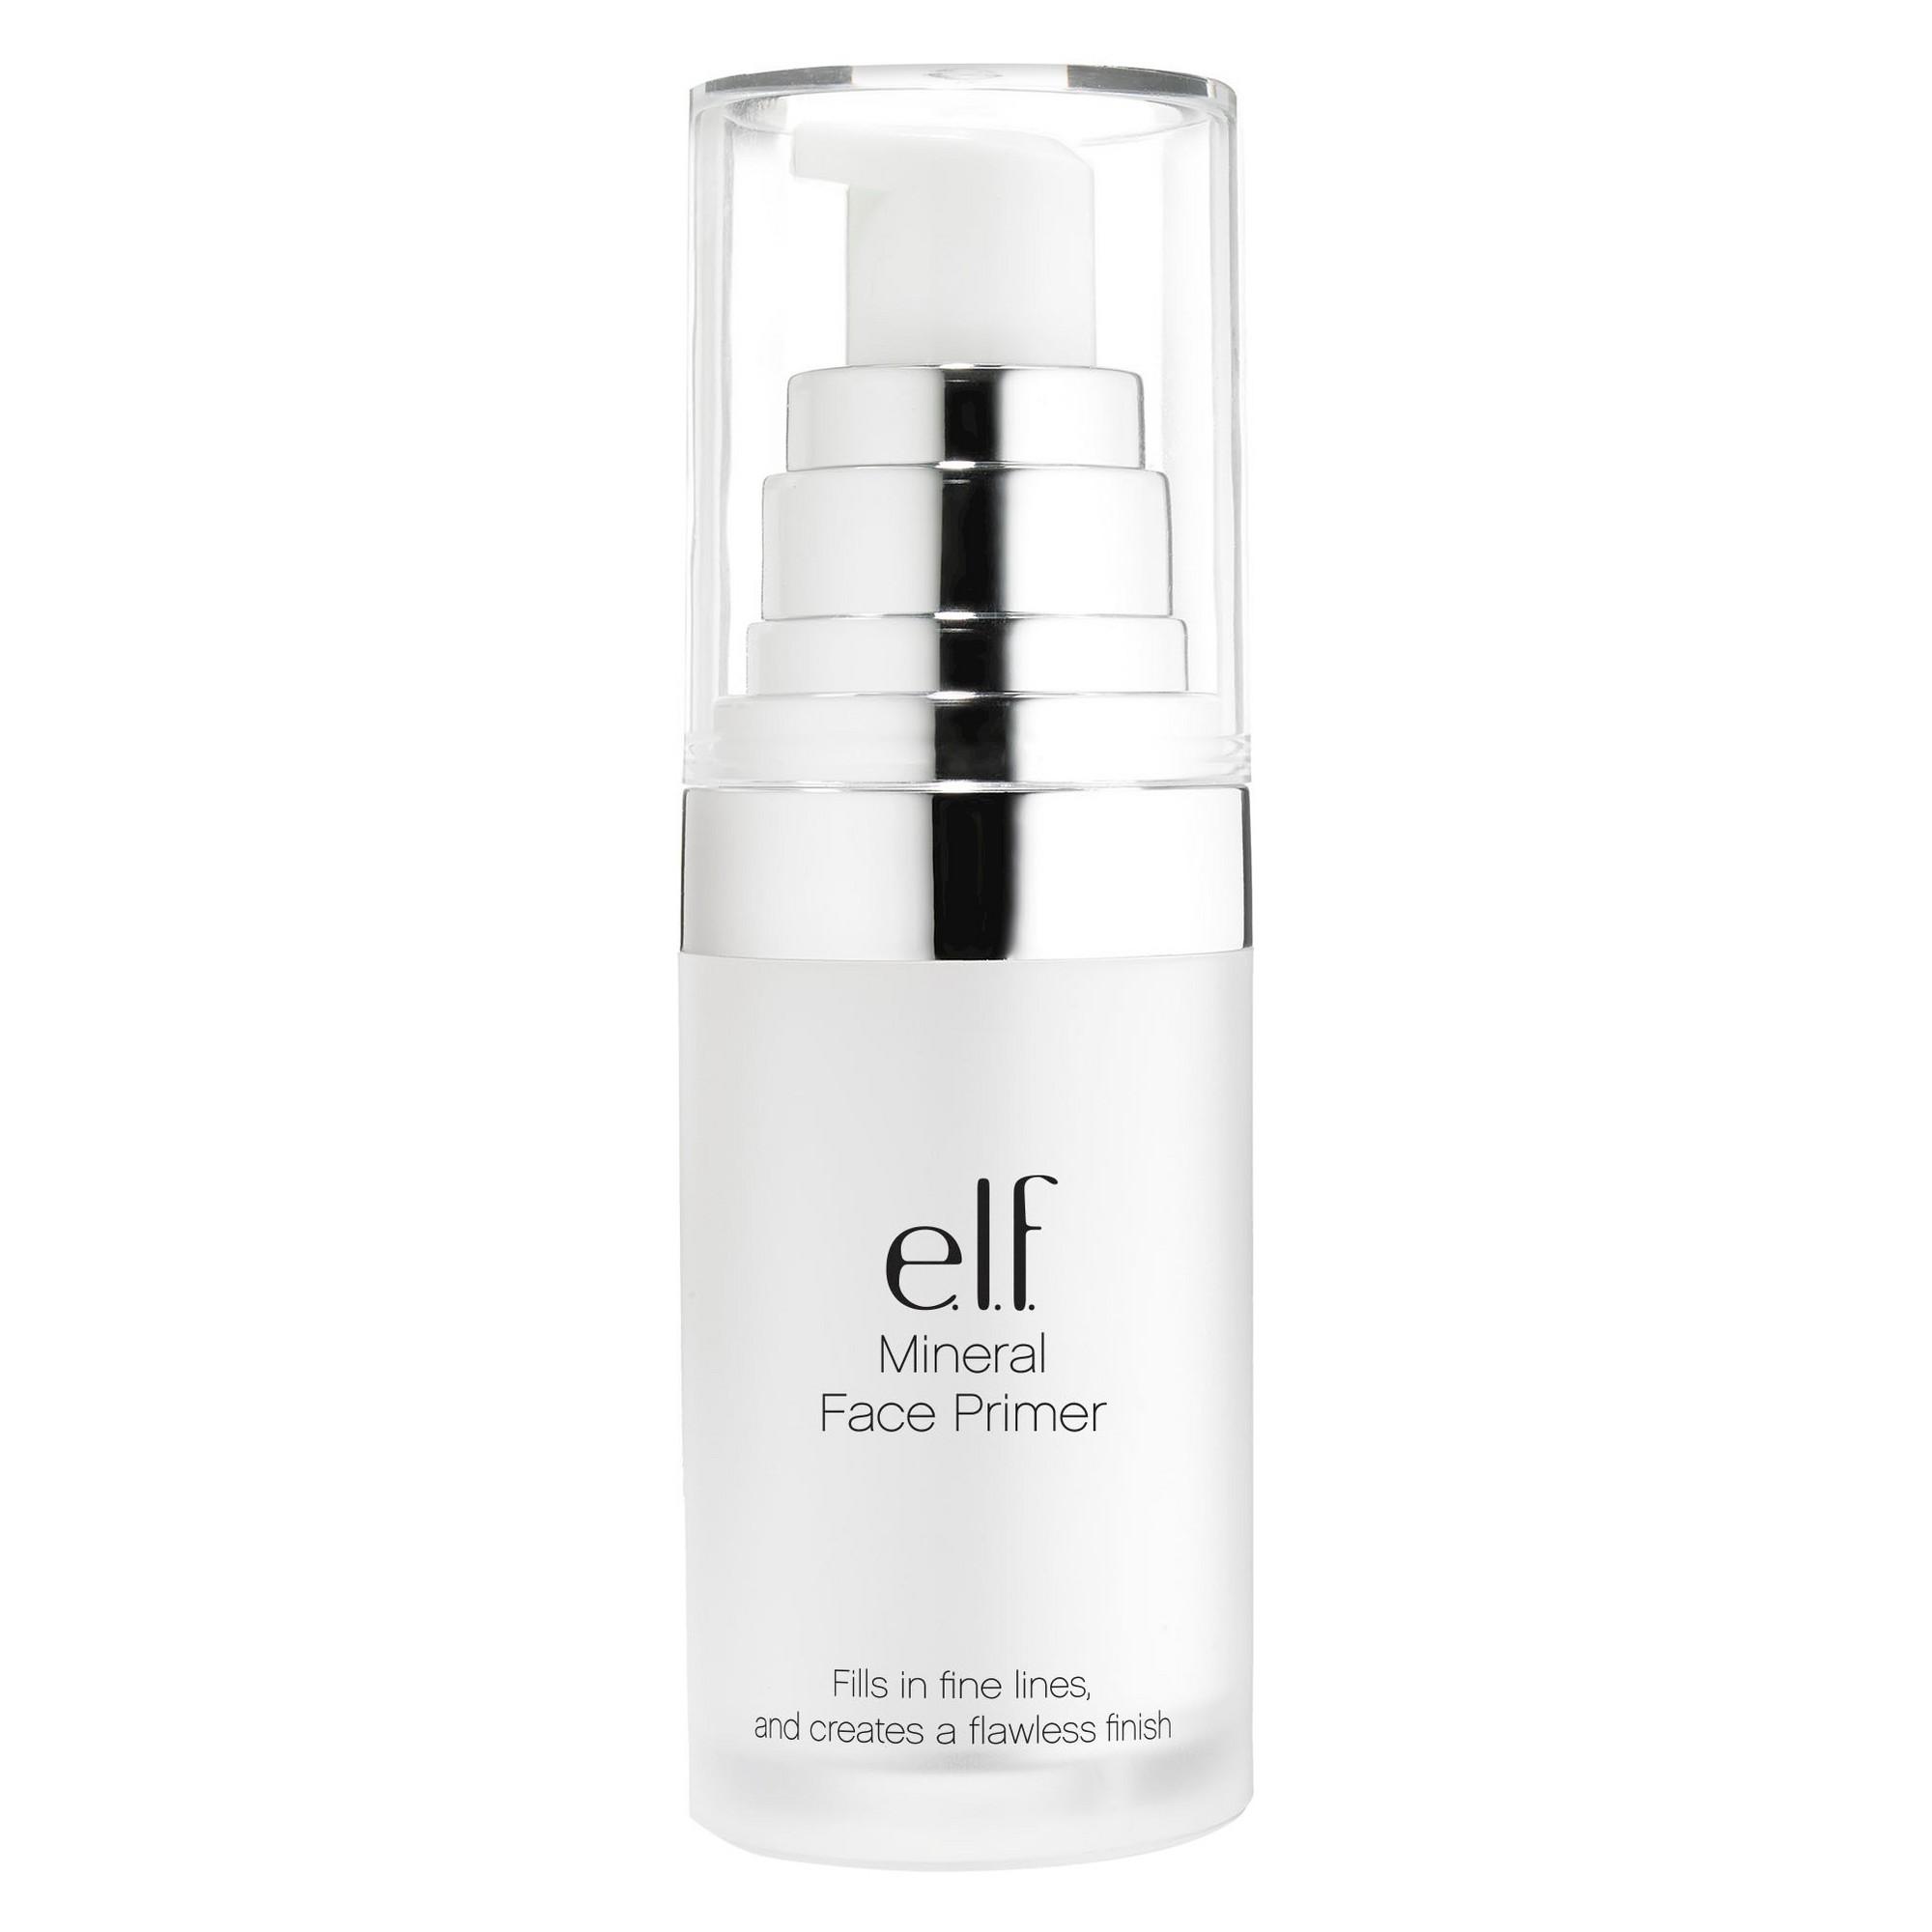 e.l.f. Mineral Infused Face Primer - .47 fl oz